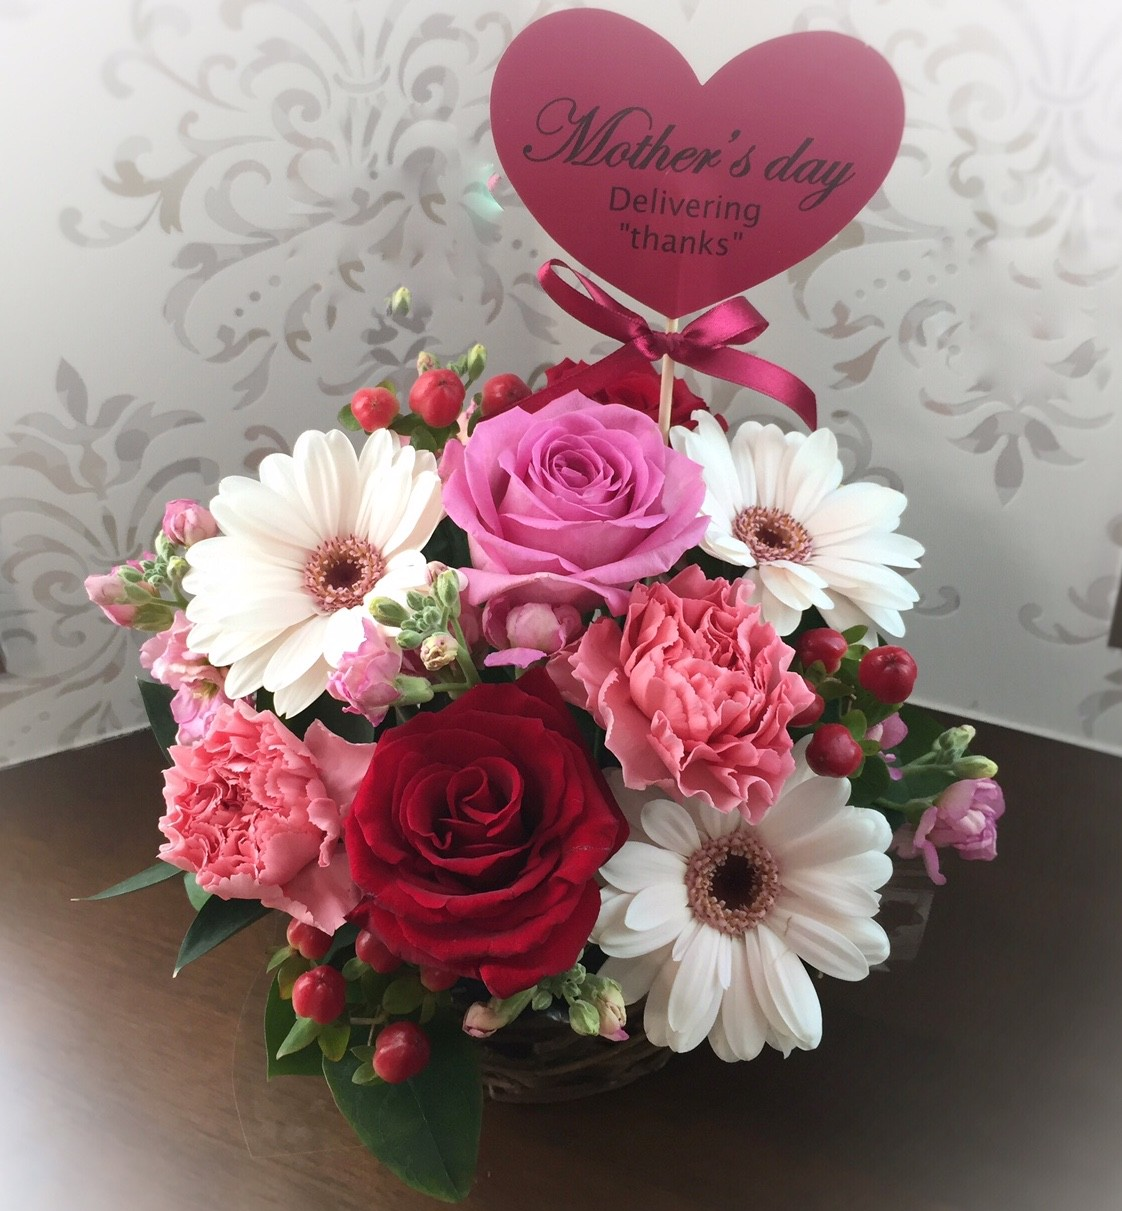 大切なお母さんへ⭐︎生花のアレンジメントで「ありがとう」の想いを伝えて見ませんか?